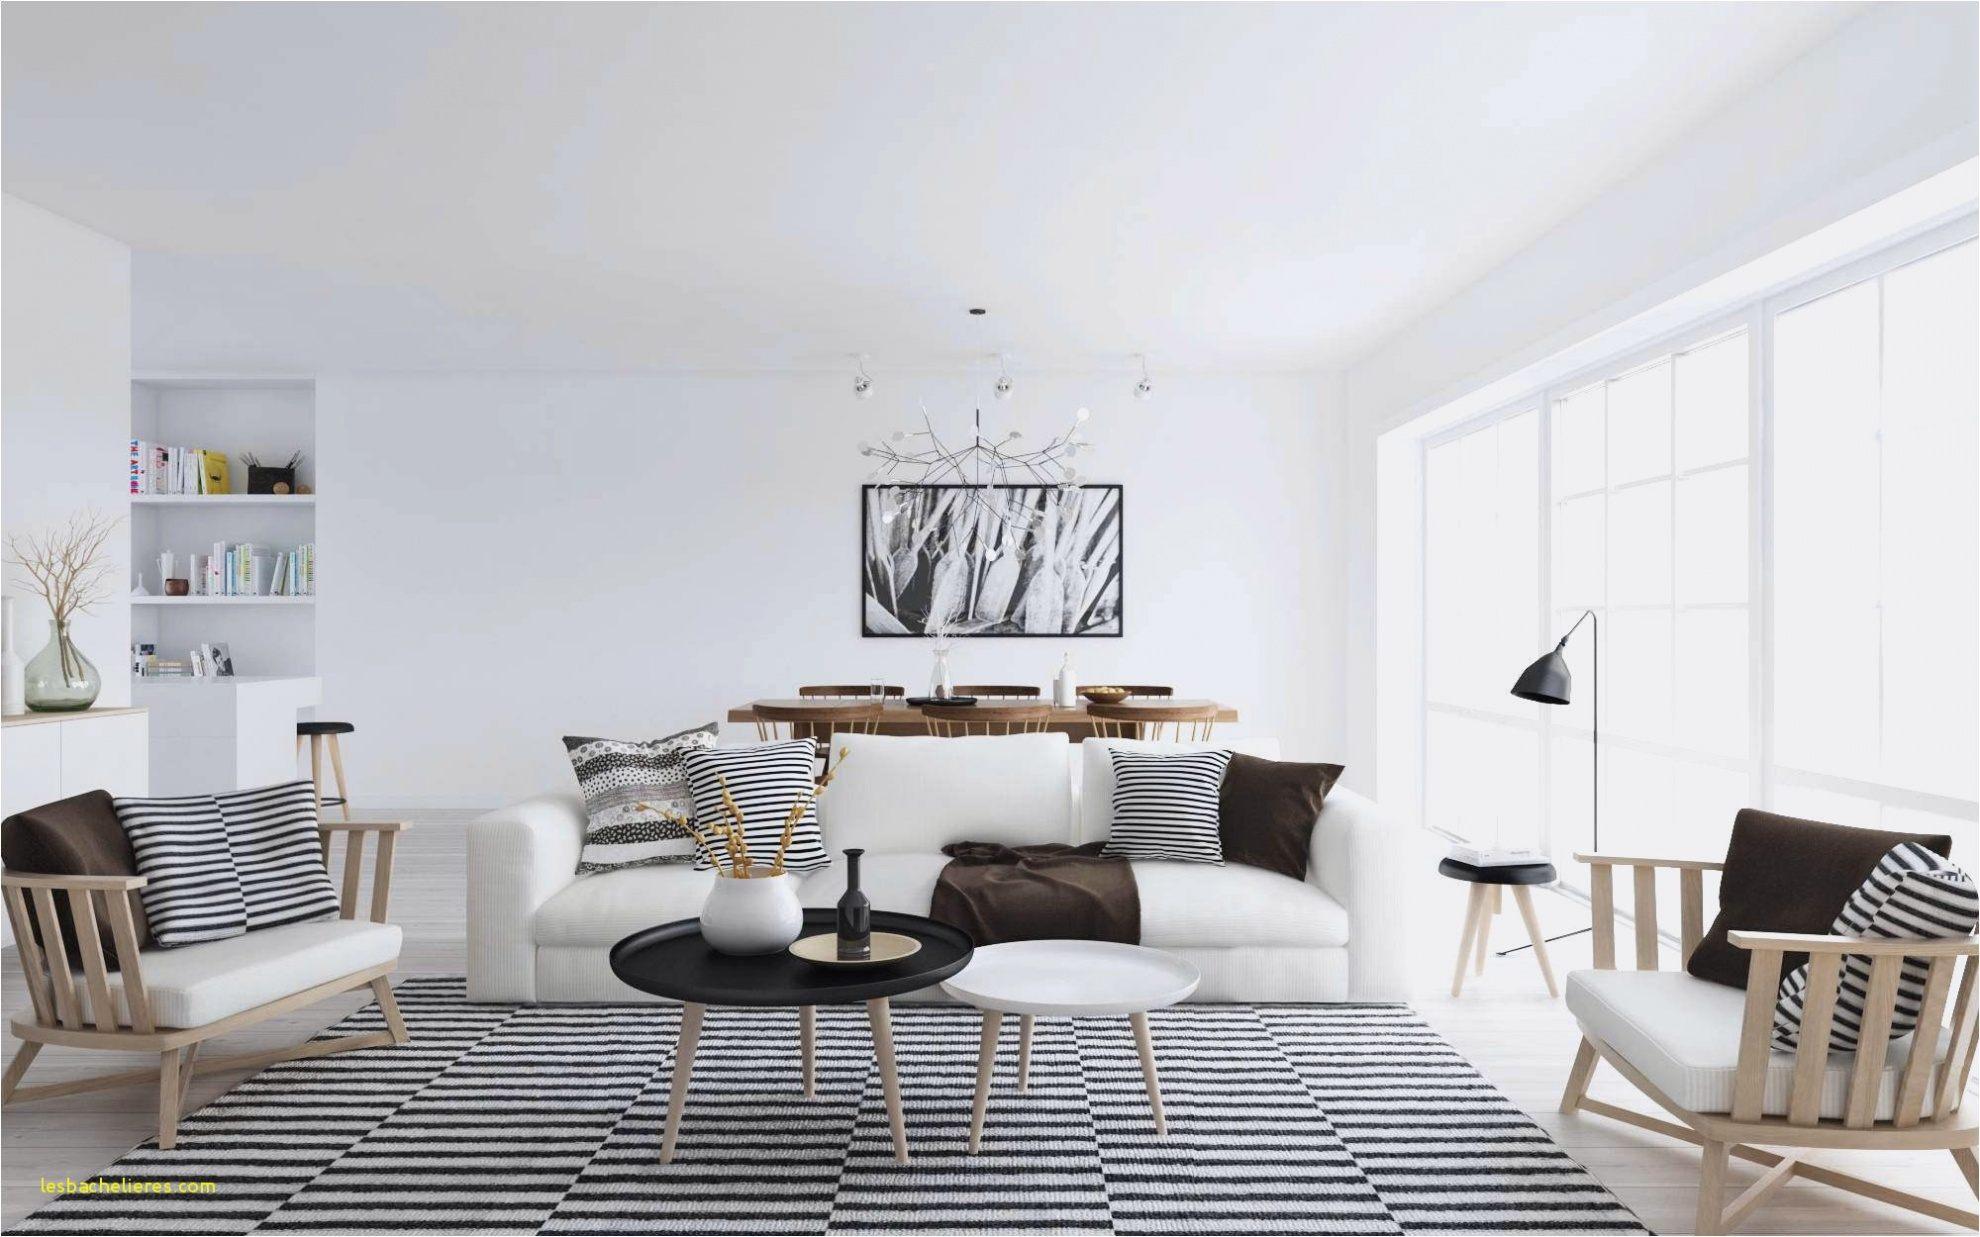 Tete De Lit Avec Chevet Intégré Ikea Magnifique sove Coiffeuse Fer forgé — sovedis Aquatabs